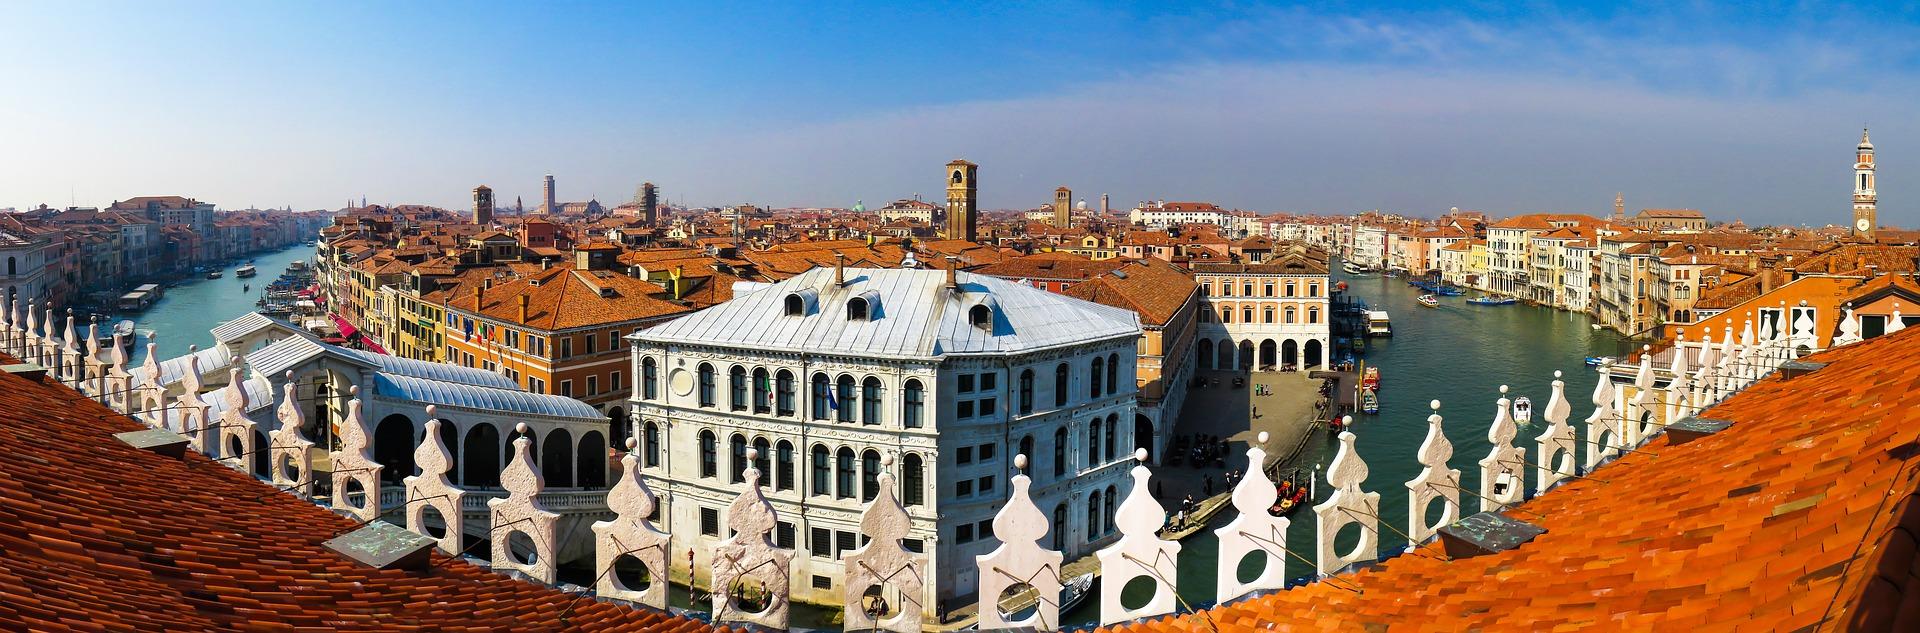 Fondaco dei tedeschi venezia